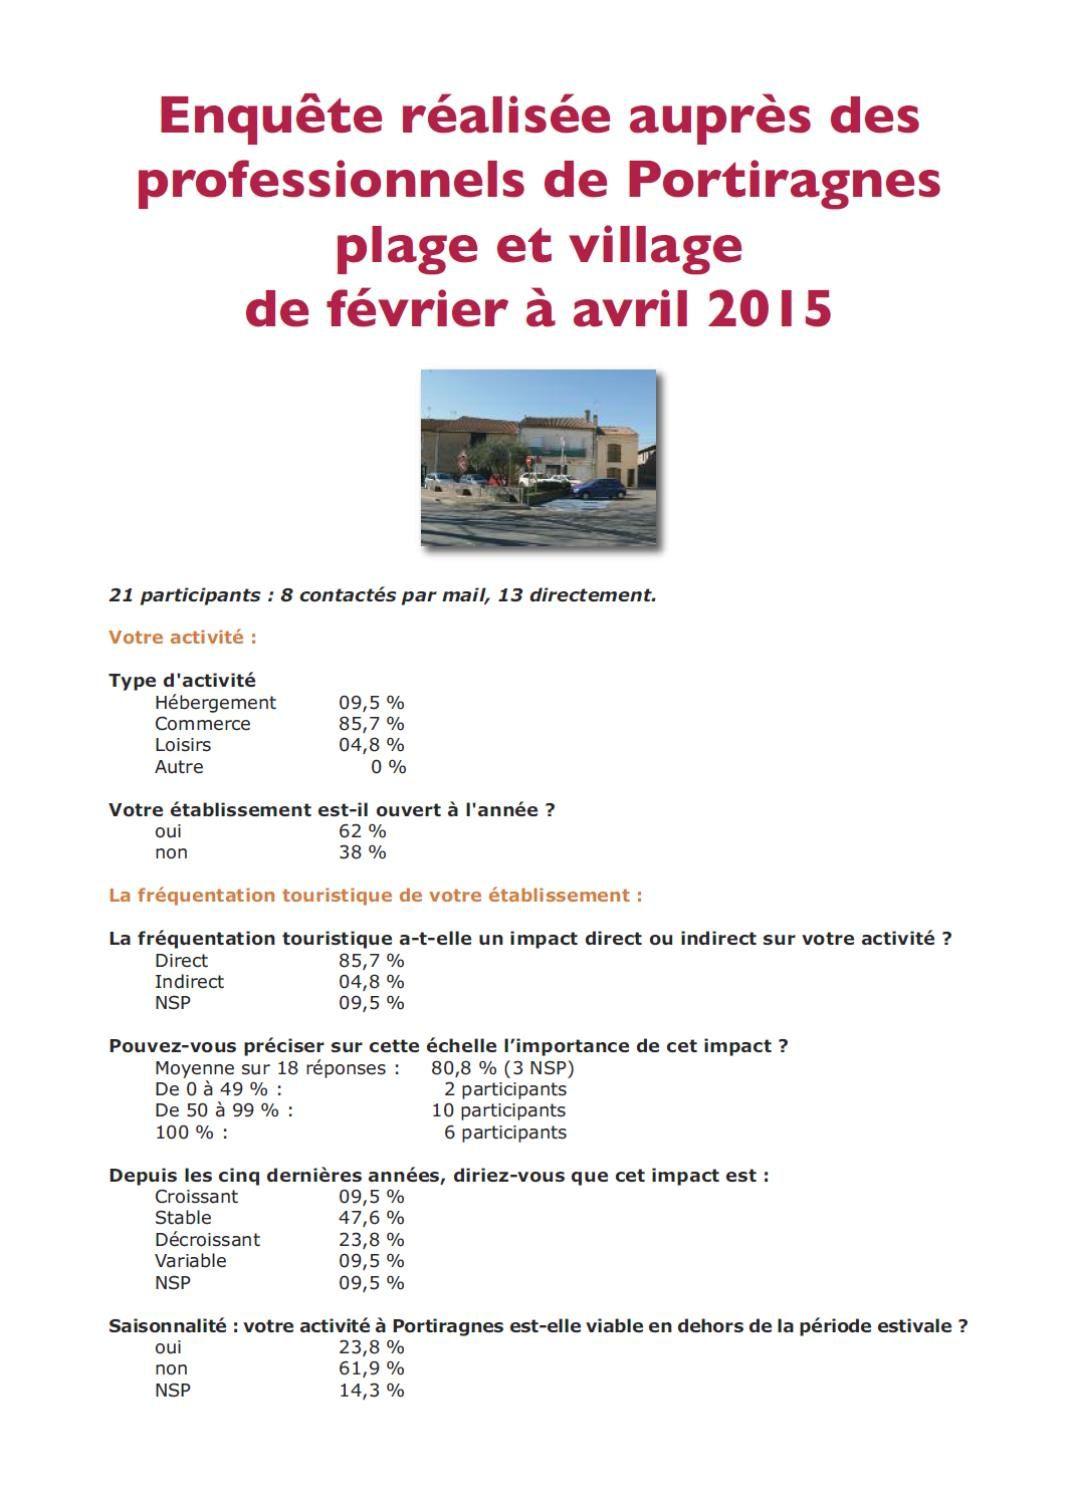 Tourisme à Portiragnes, enquête auprès des professionnels